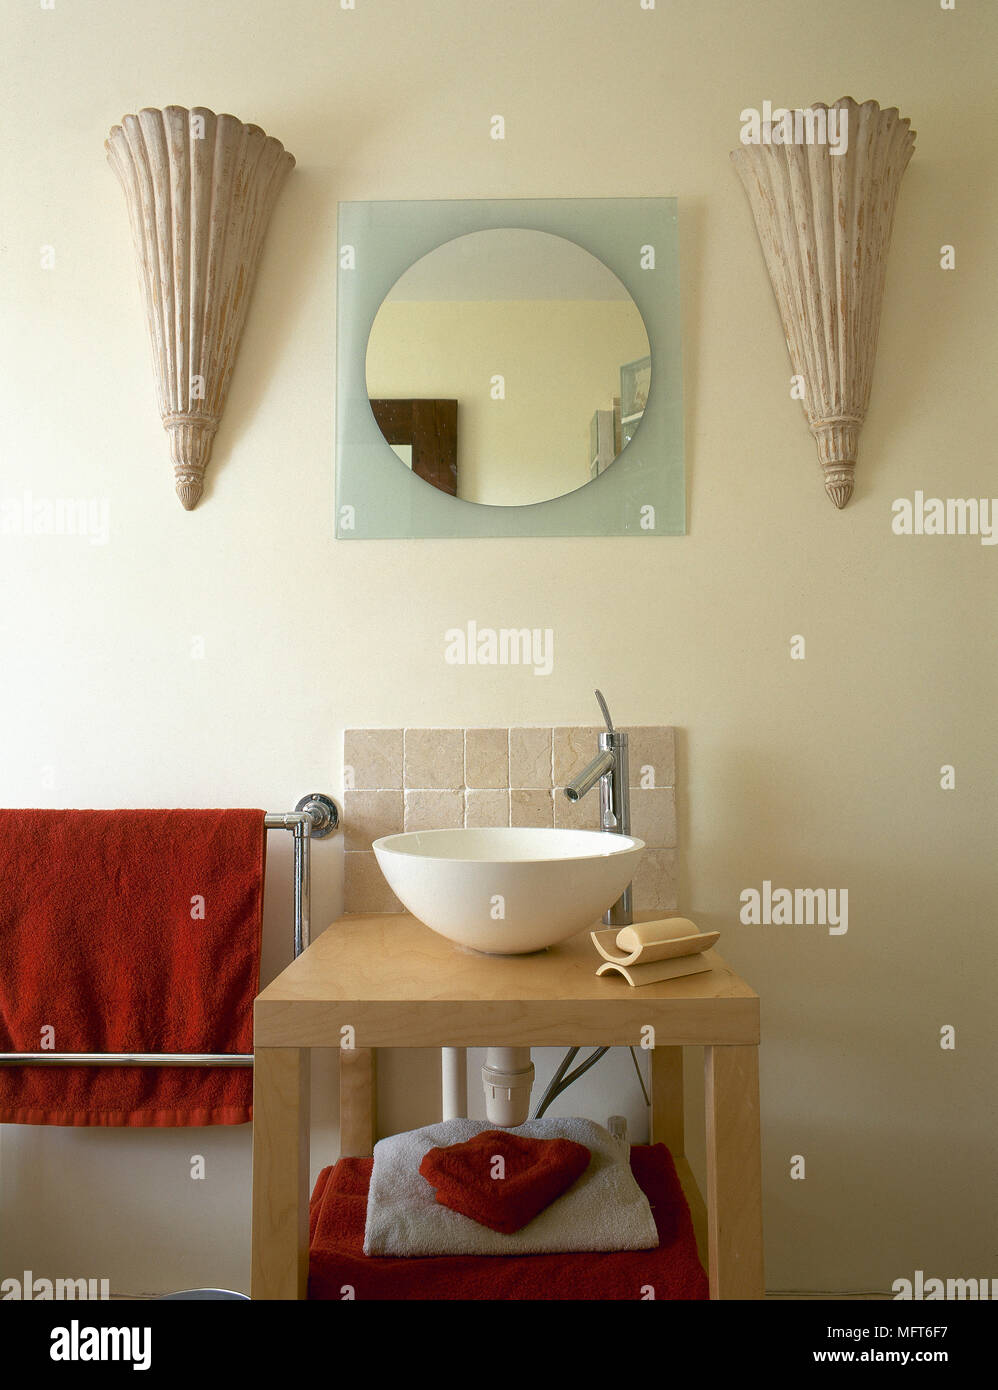 Modernes Badezimmer mit einem Waschbecken auf einem Stand ...